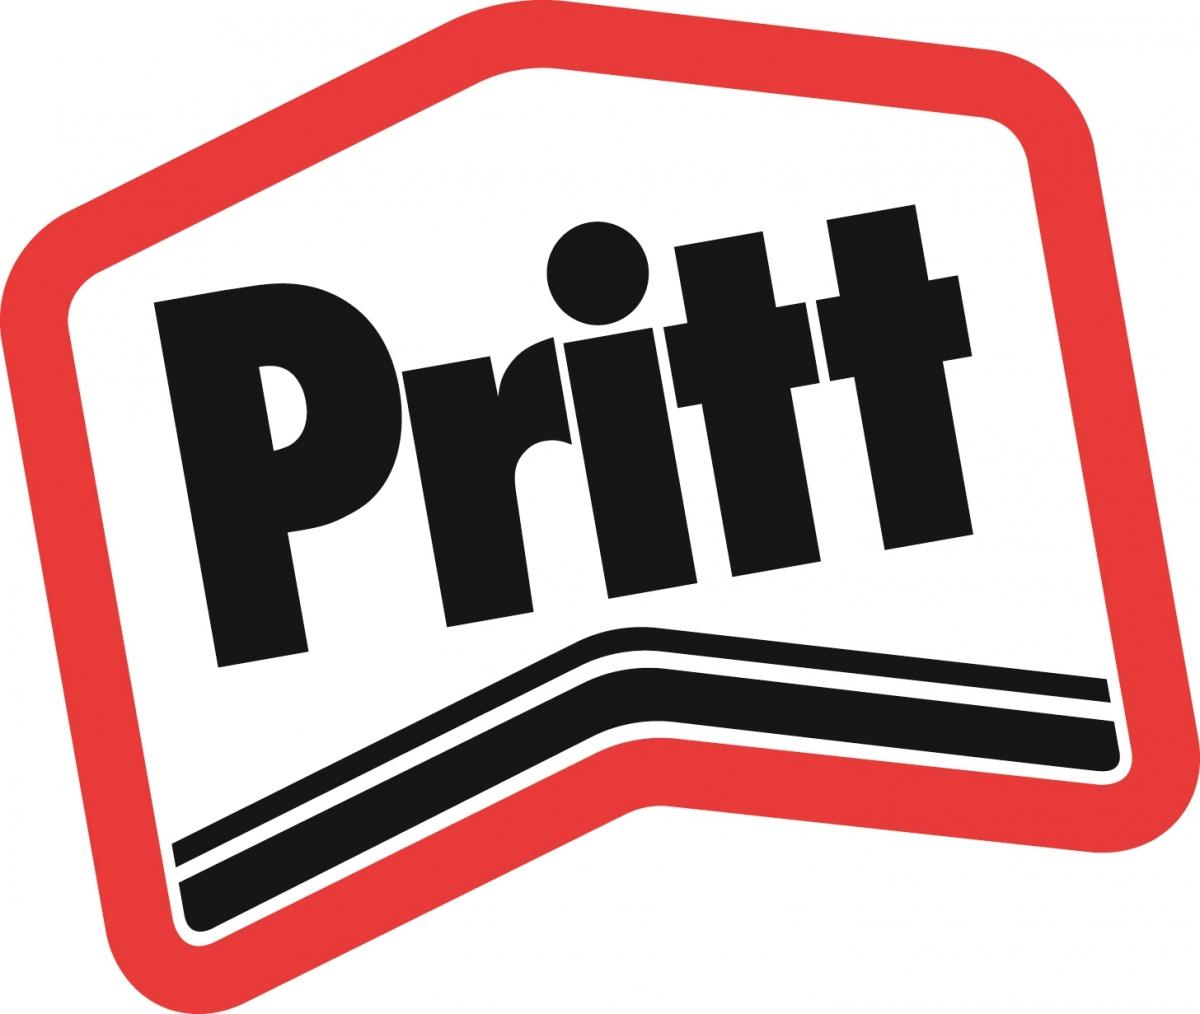 Pritt_logo2010_189706_print_1772H_1772W